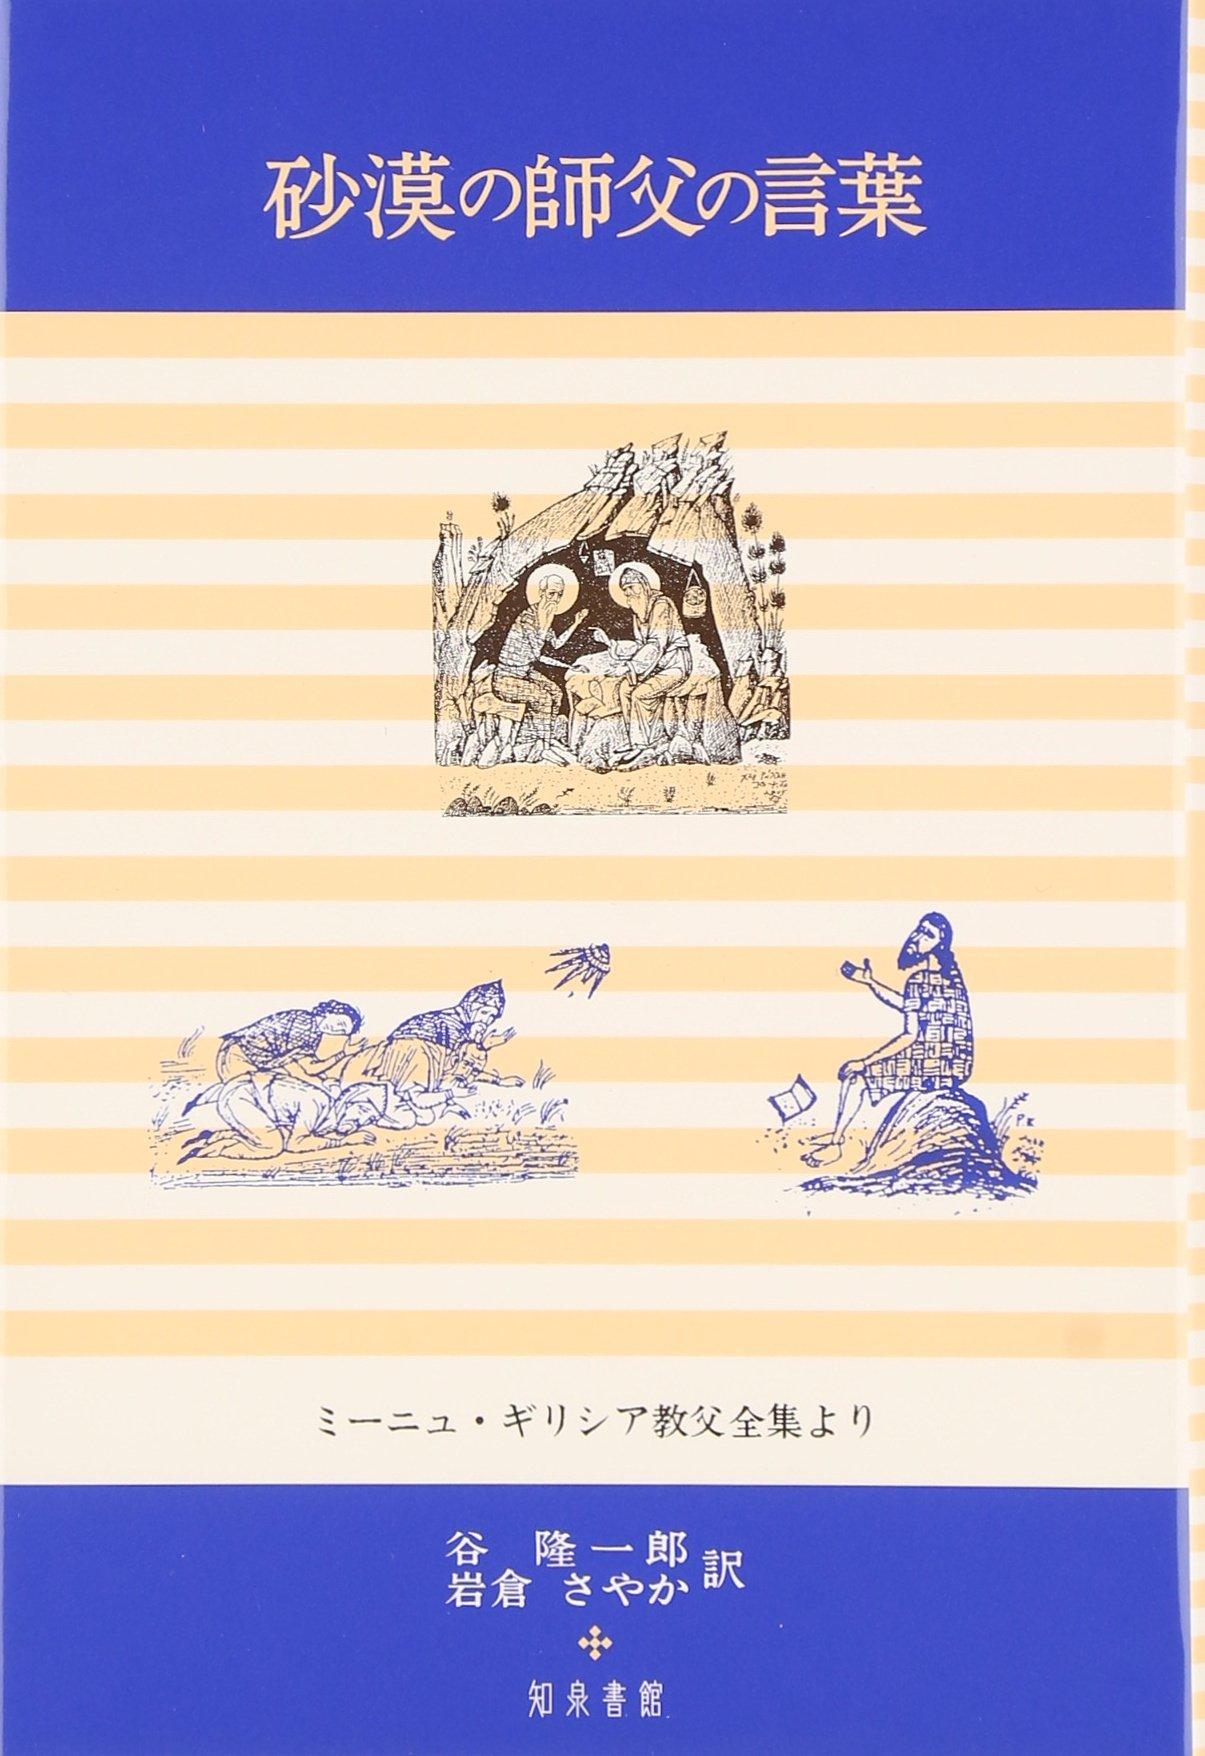 Sabaku no shifu no kotoba : Mīnyu girishia kyōfu zenshū yori PDF